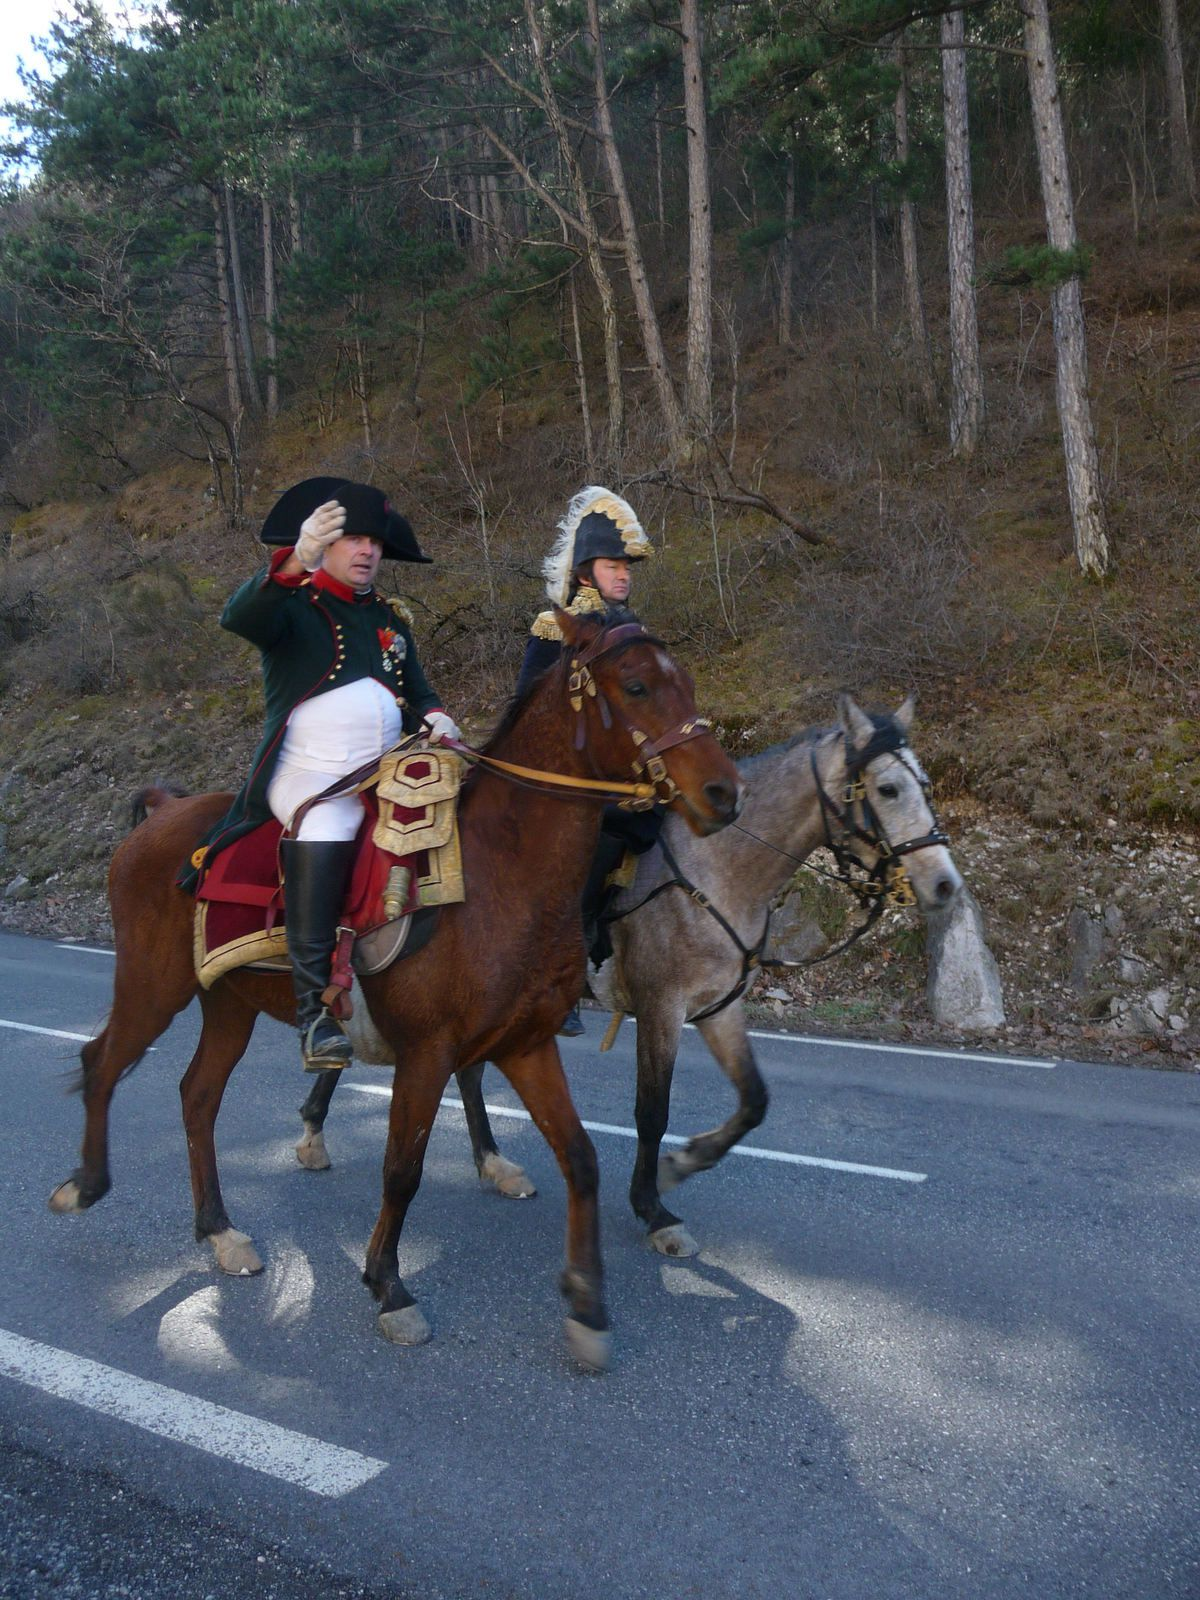 Le bicentenaire du passage de Napoléon à Castellane par la voie impériale